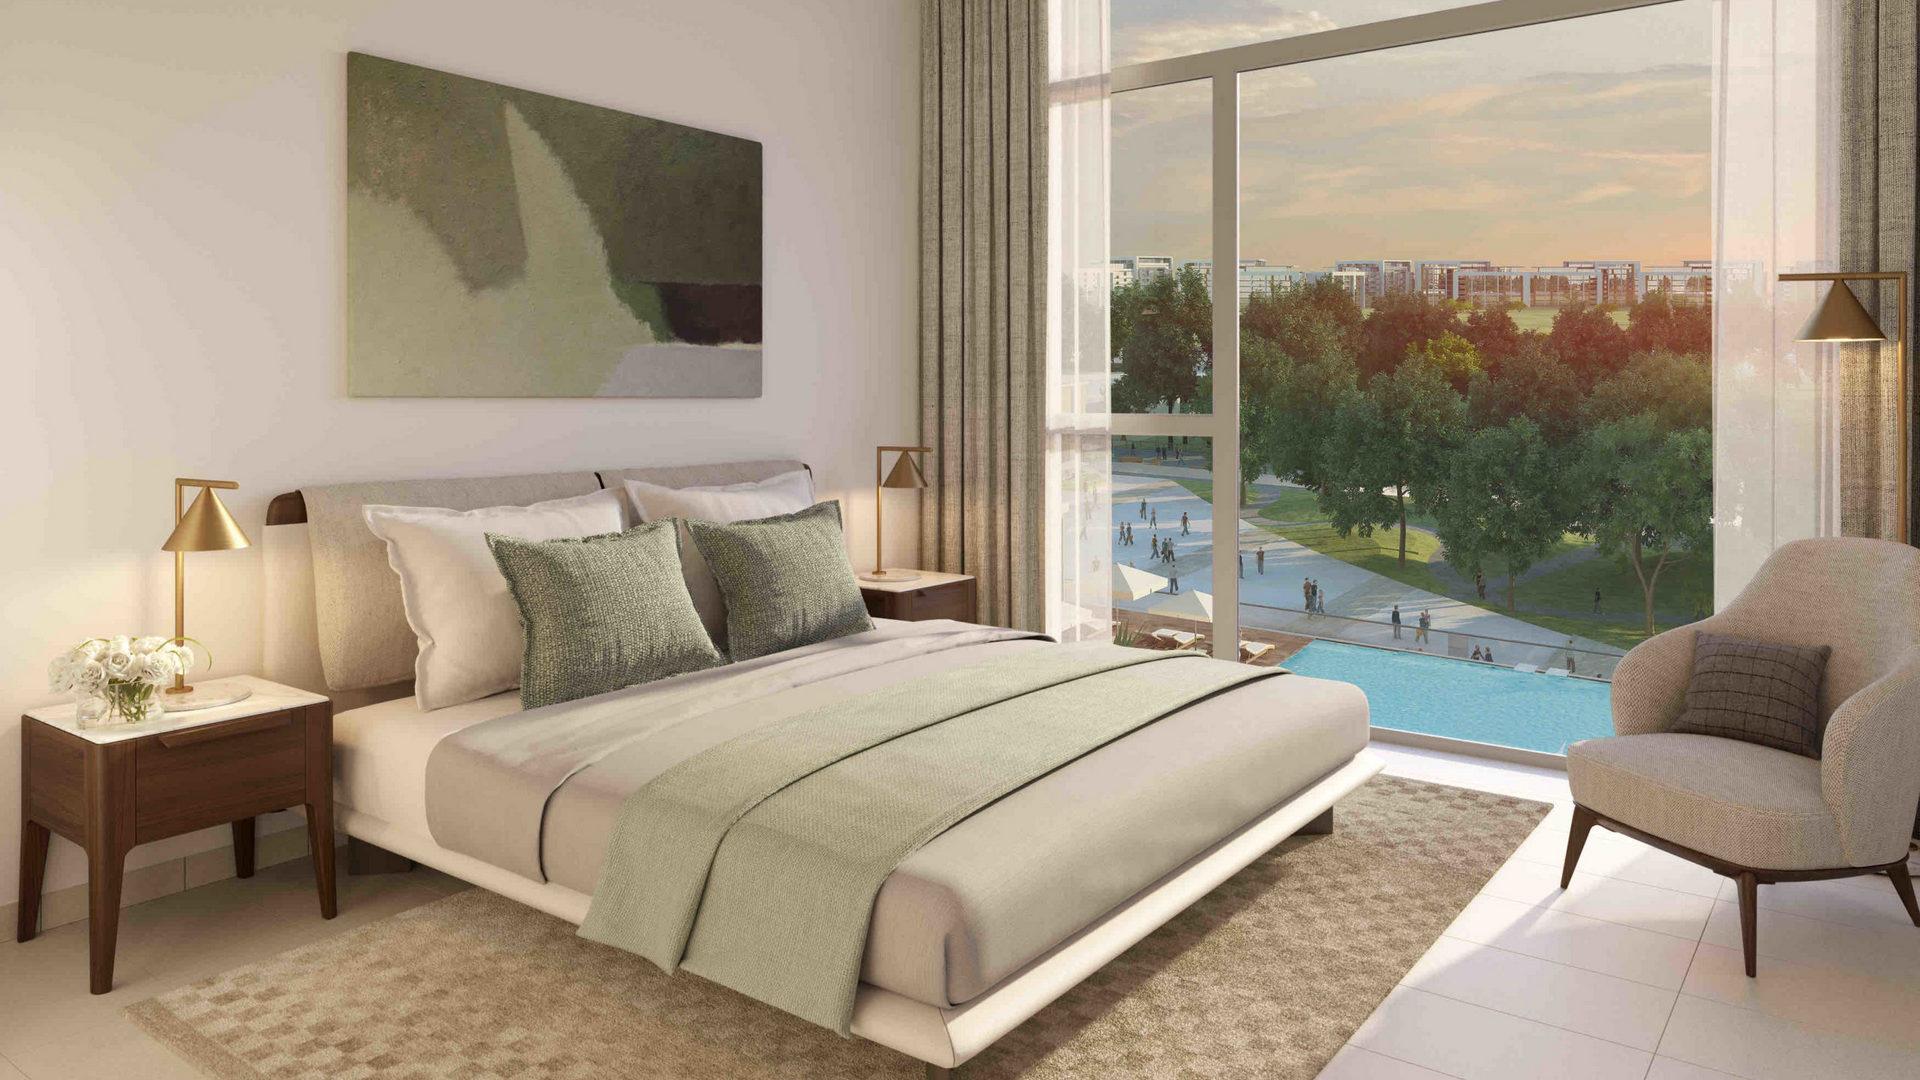 Apartamento en venta en Dubai, EAU, 2 dormitorios, 94 m2, № 24669 – foto 1